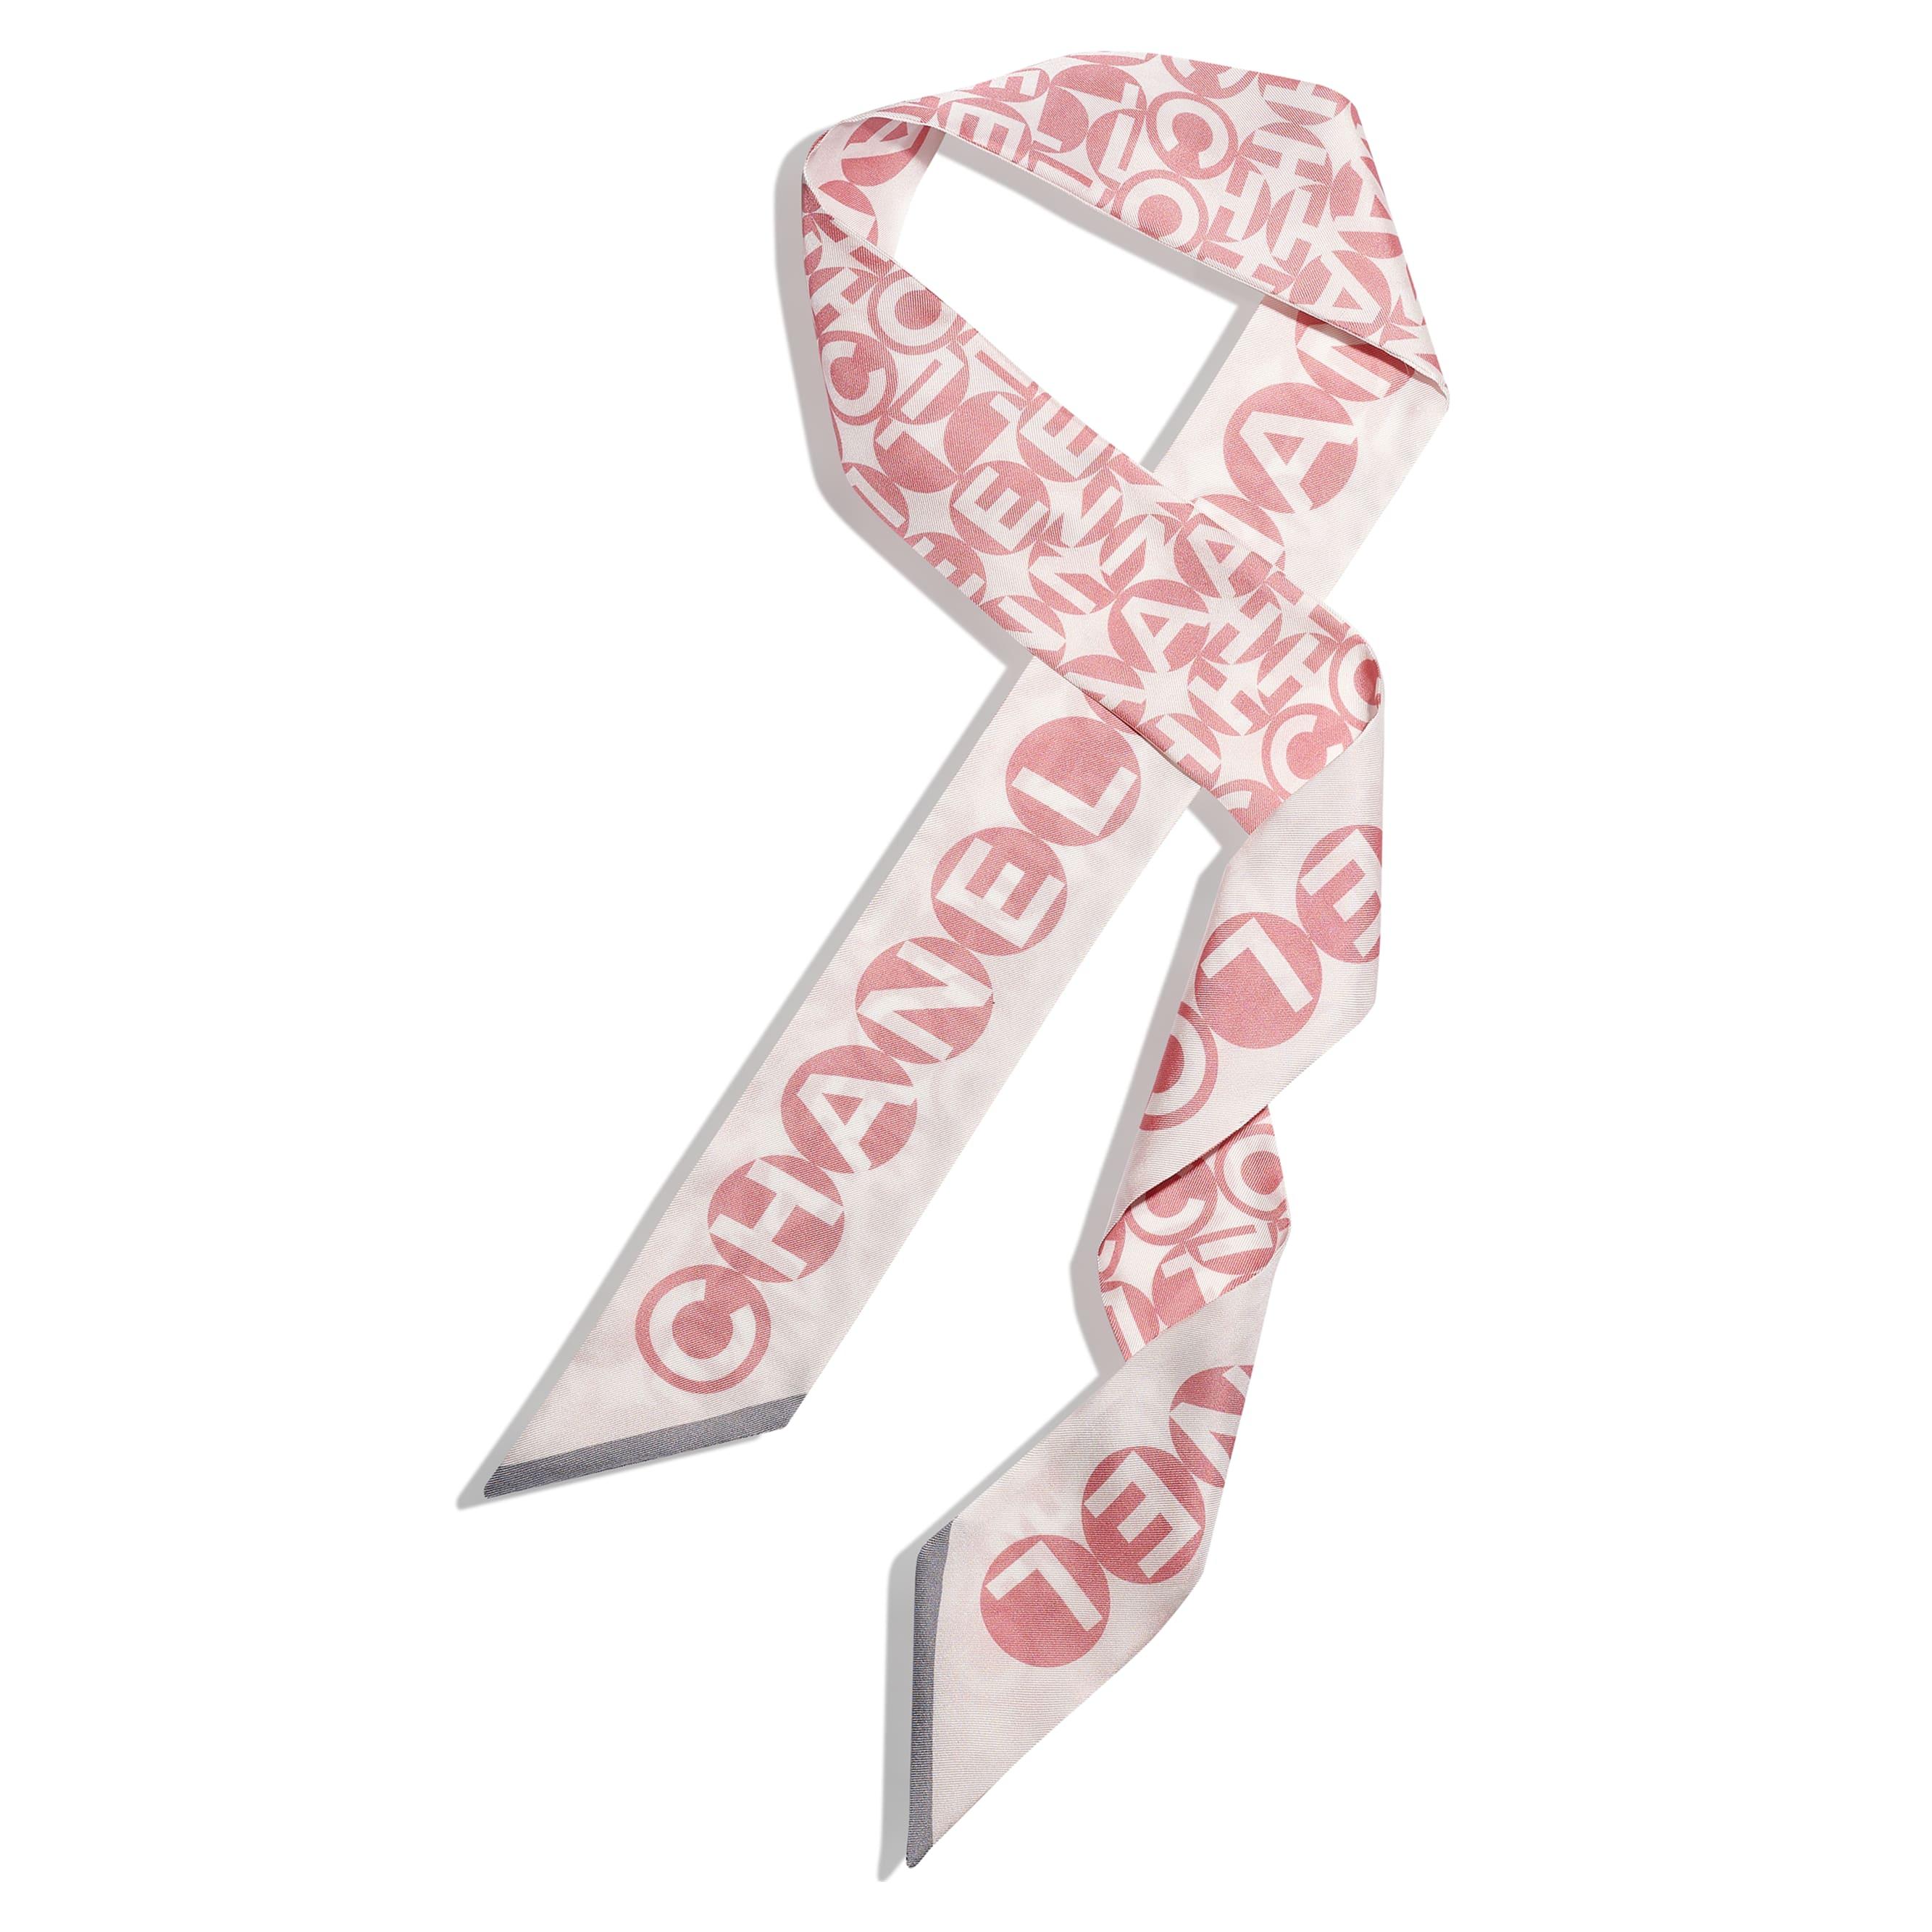 Бандо - Розовый и серый - Шелковый твид - CHANEL - Вид по умолчанию - посмотреть изображение стандартного размера